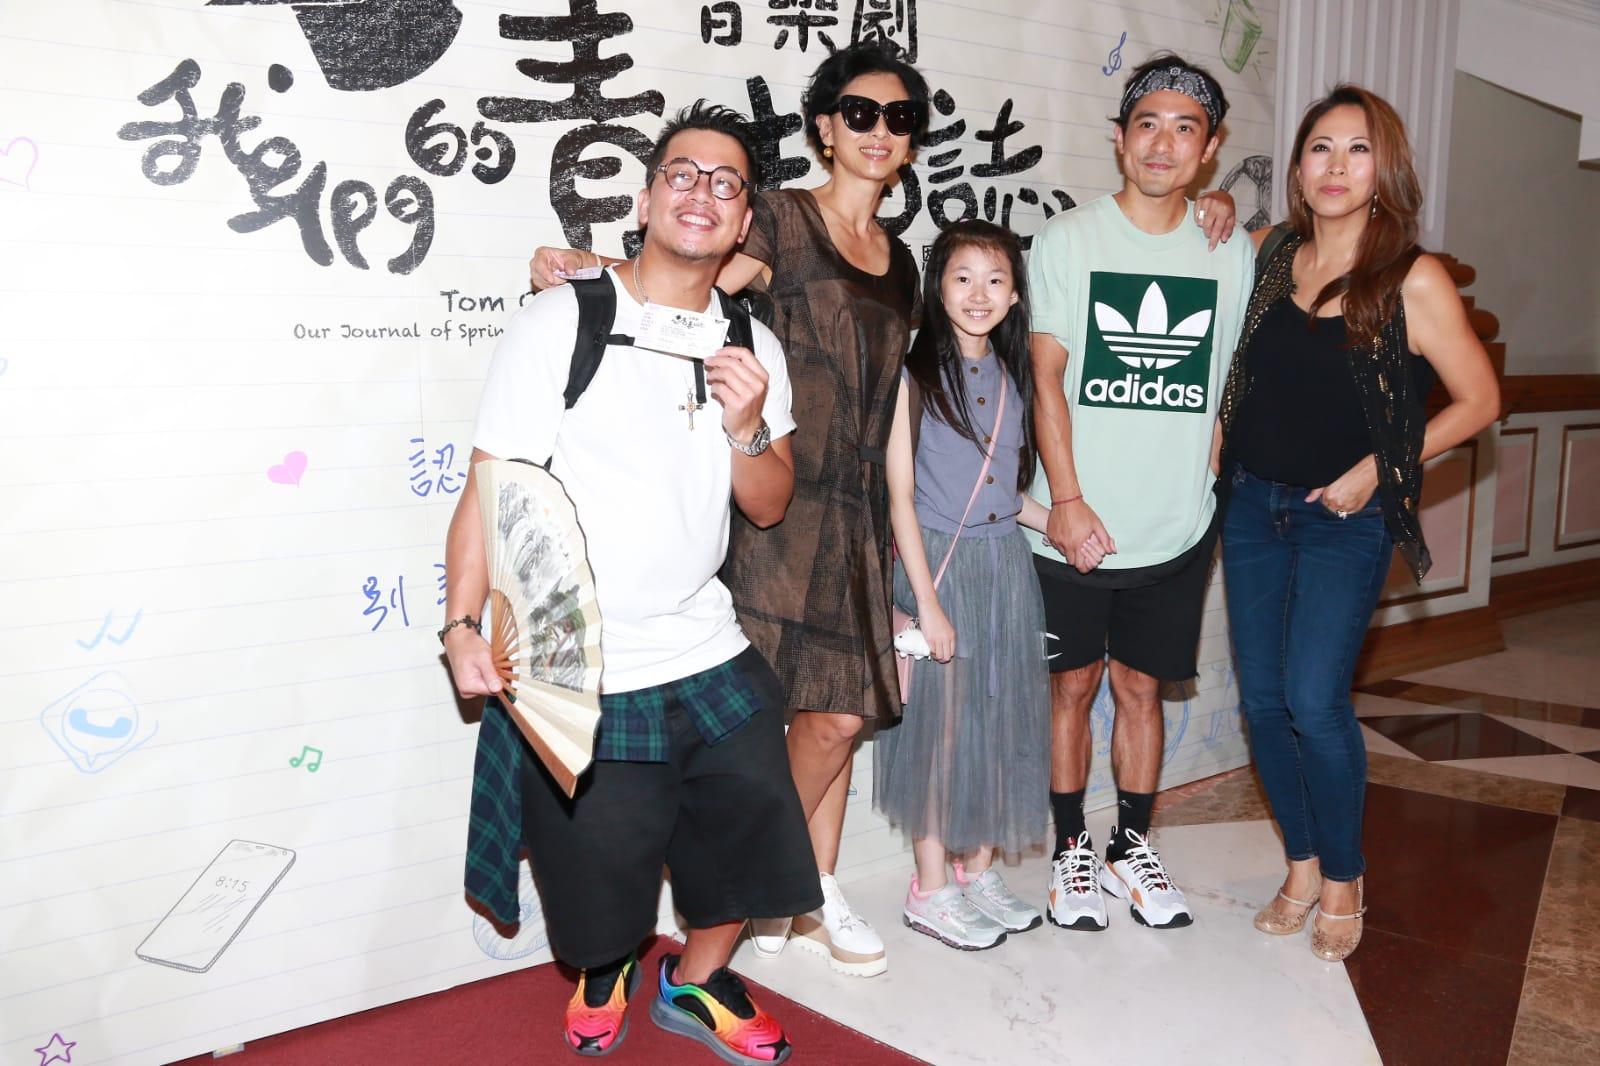 葉蒨文、林德信、李樂詩、小肥及王梓軒等晚上到理工大學欣賞音樂劇《我們的青春日誌》。